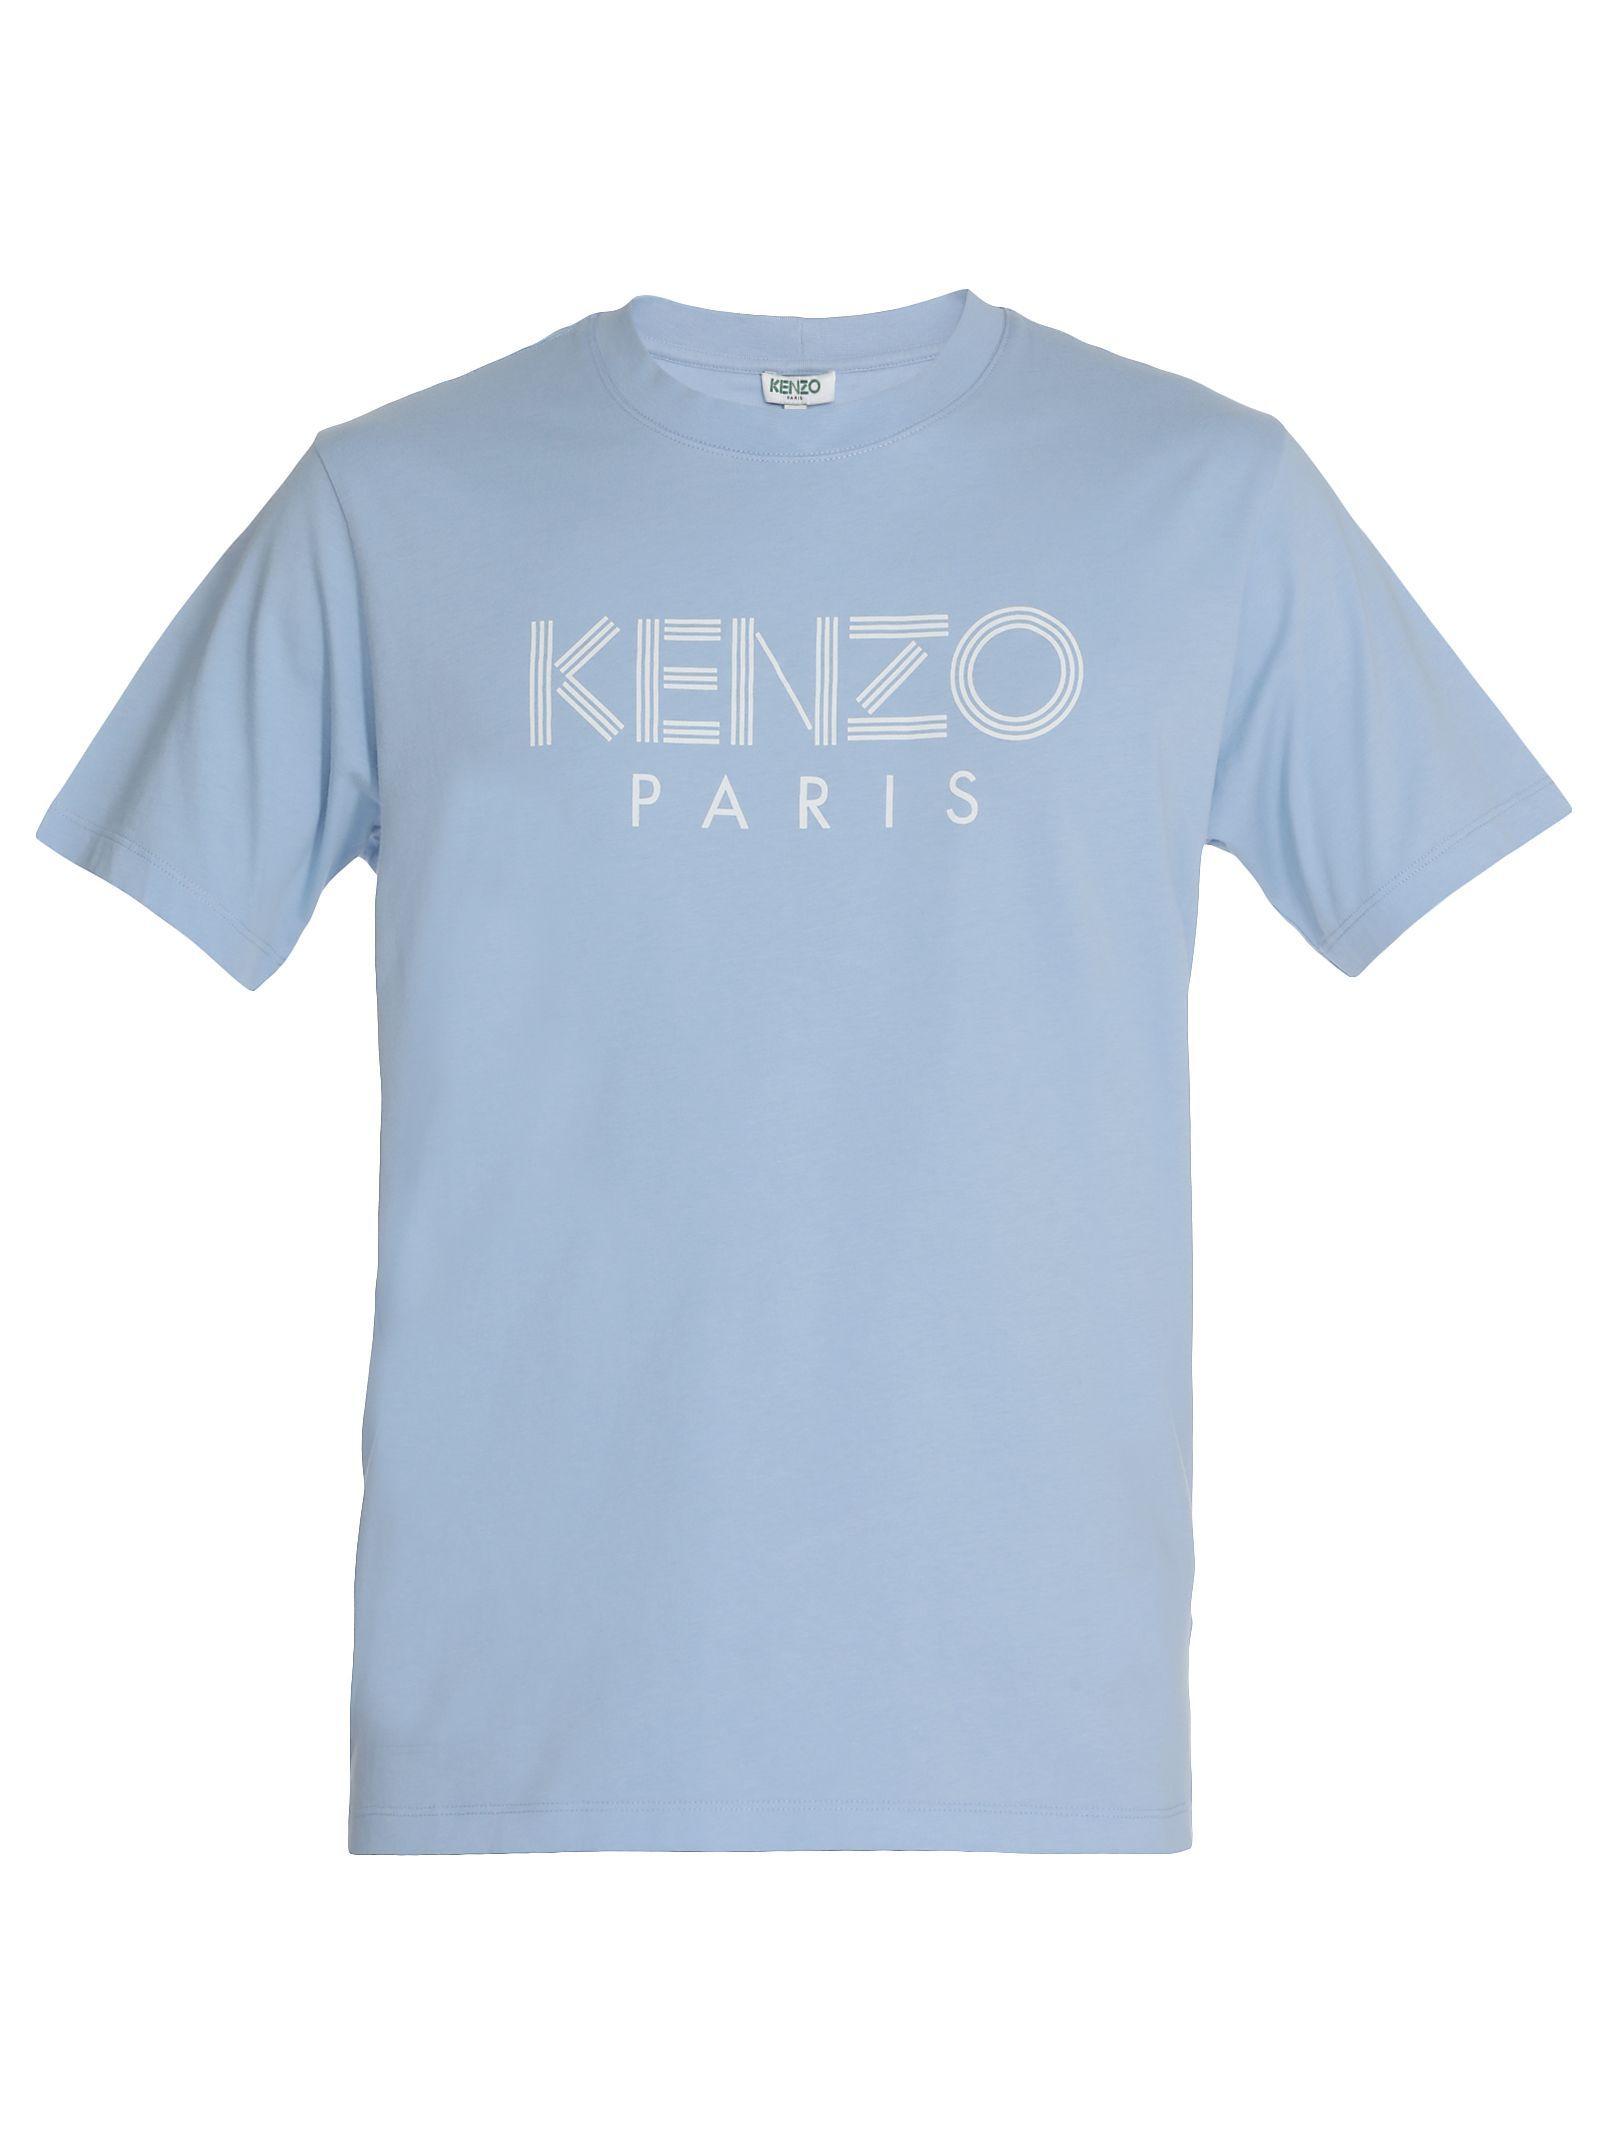 d1549c38 KENZO CLASSIC PARIS T-SHIRT. #kenzo #cloth | Kenzo in 2019 | Kenzo ...